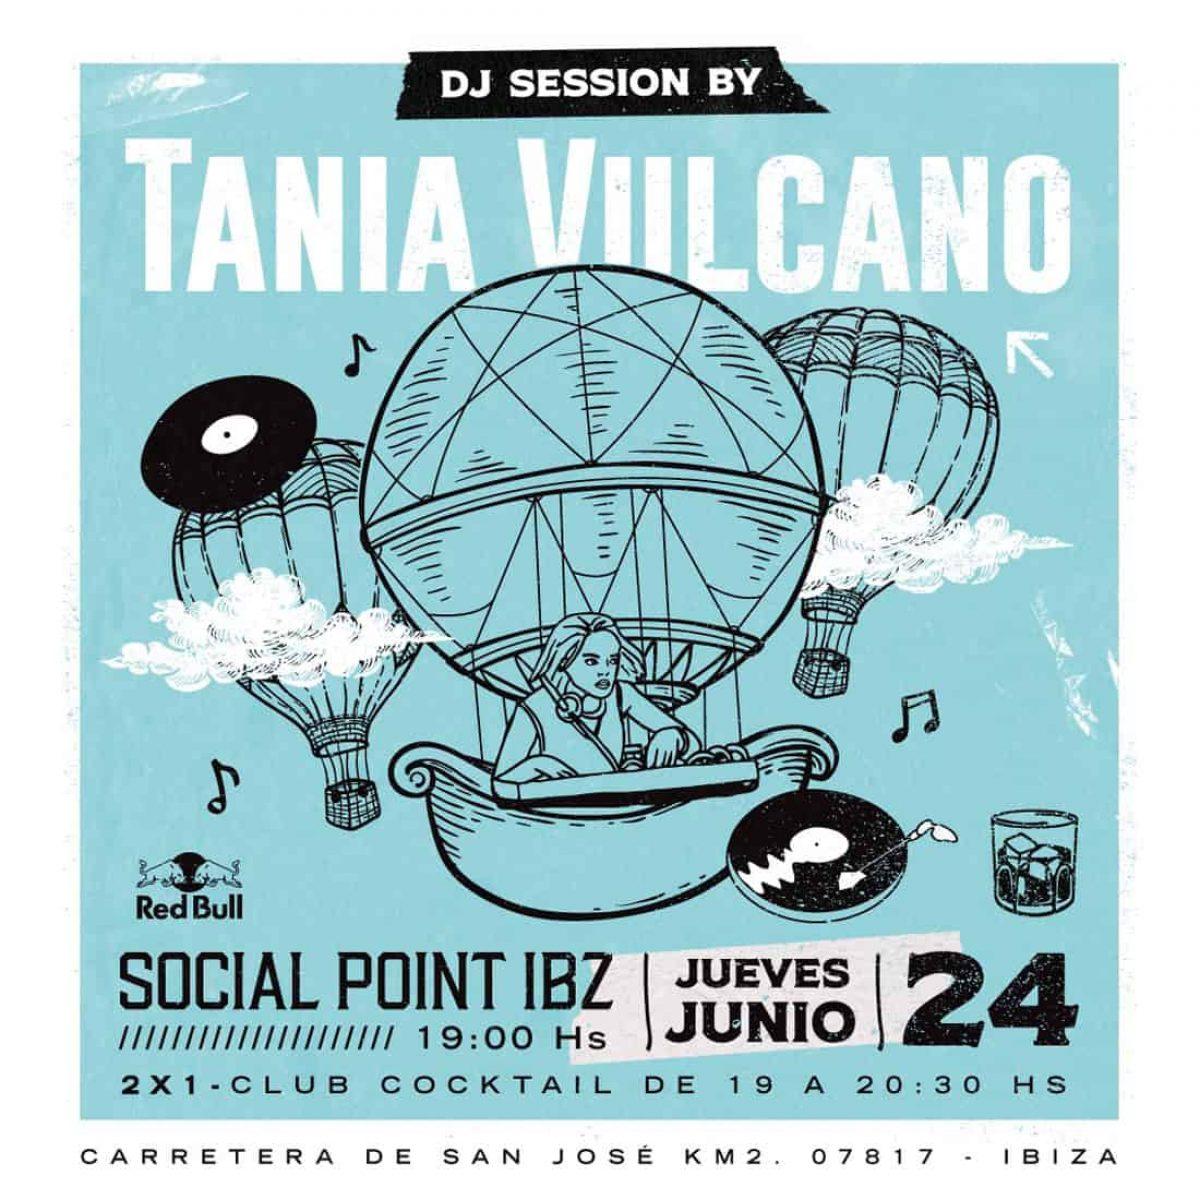 tania-vulcano-social-point-ibiza-2021-welcometoibiza